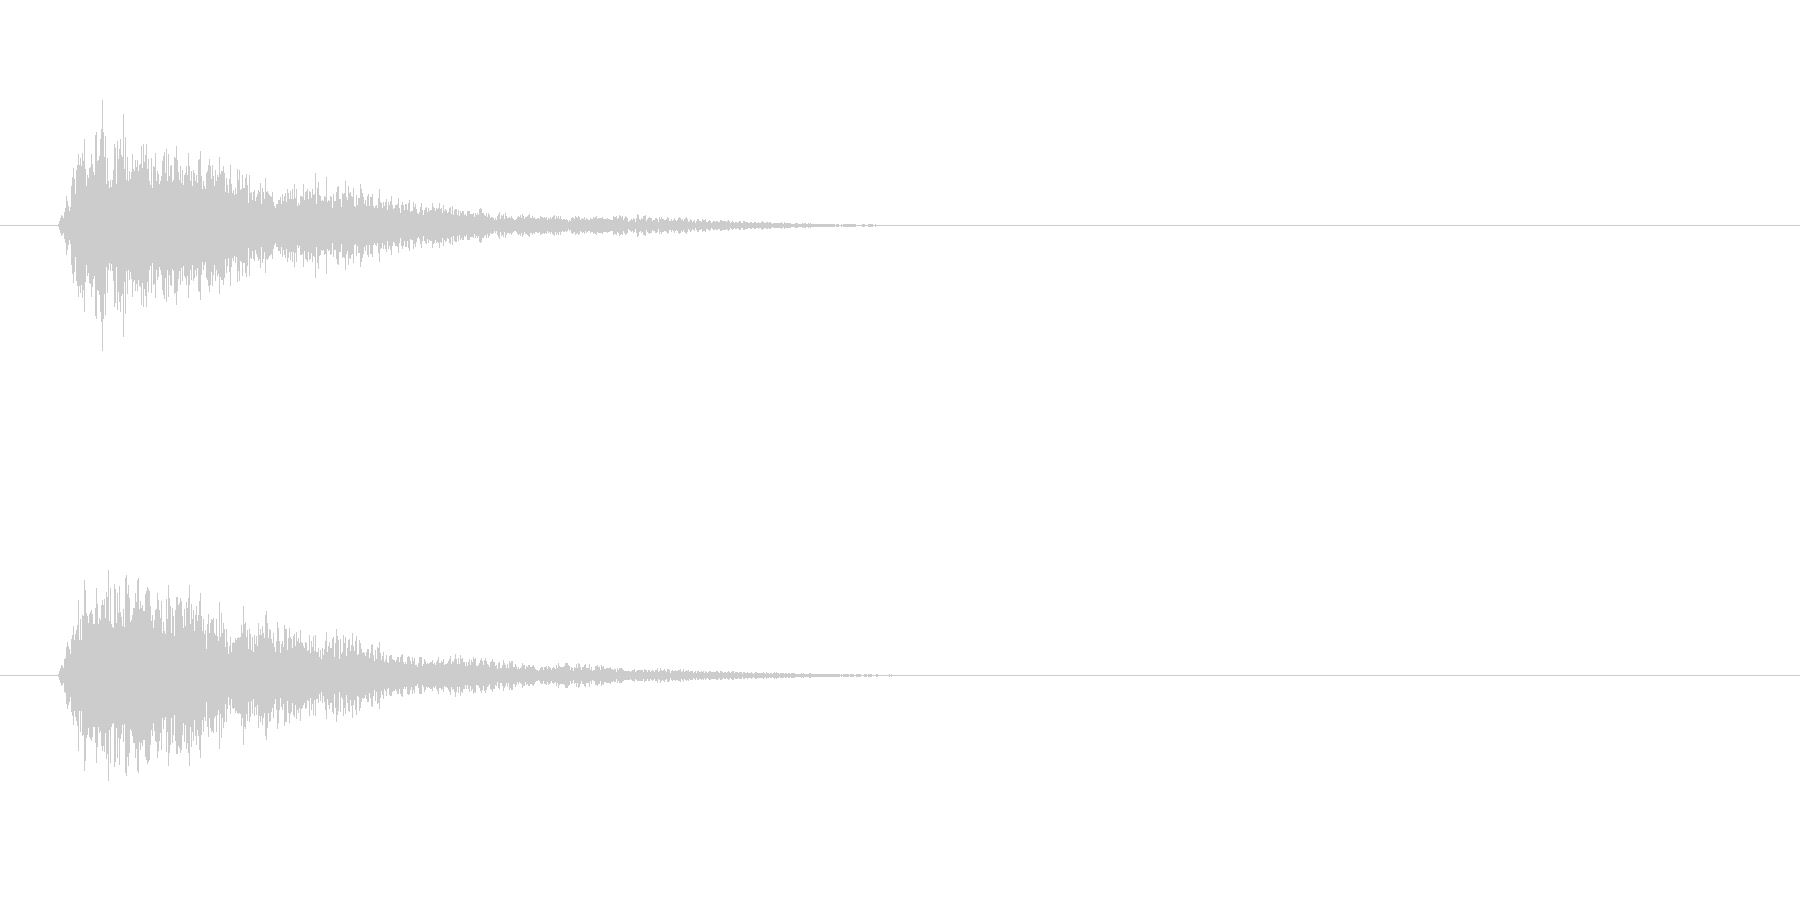 落ち着いた操作系決定音の未再生の波形